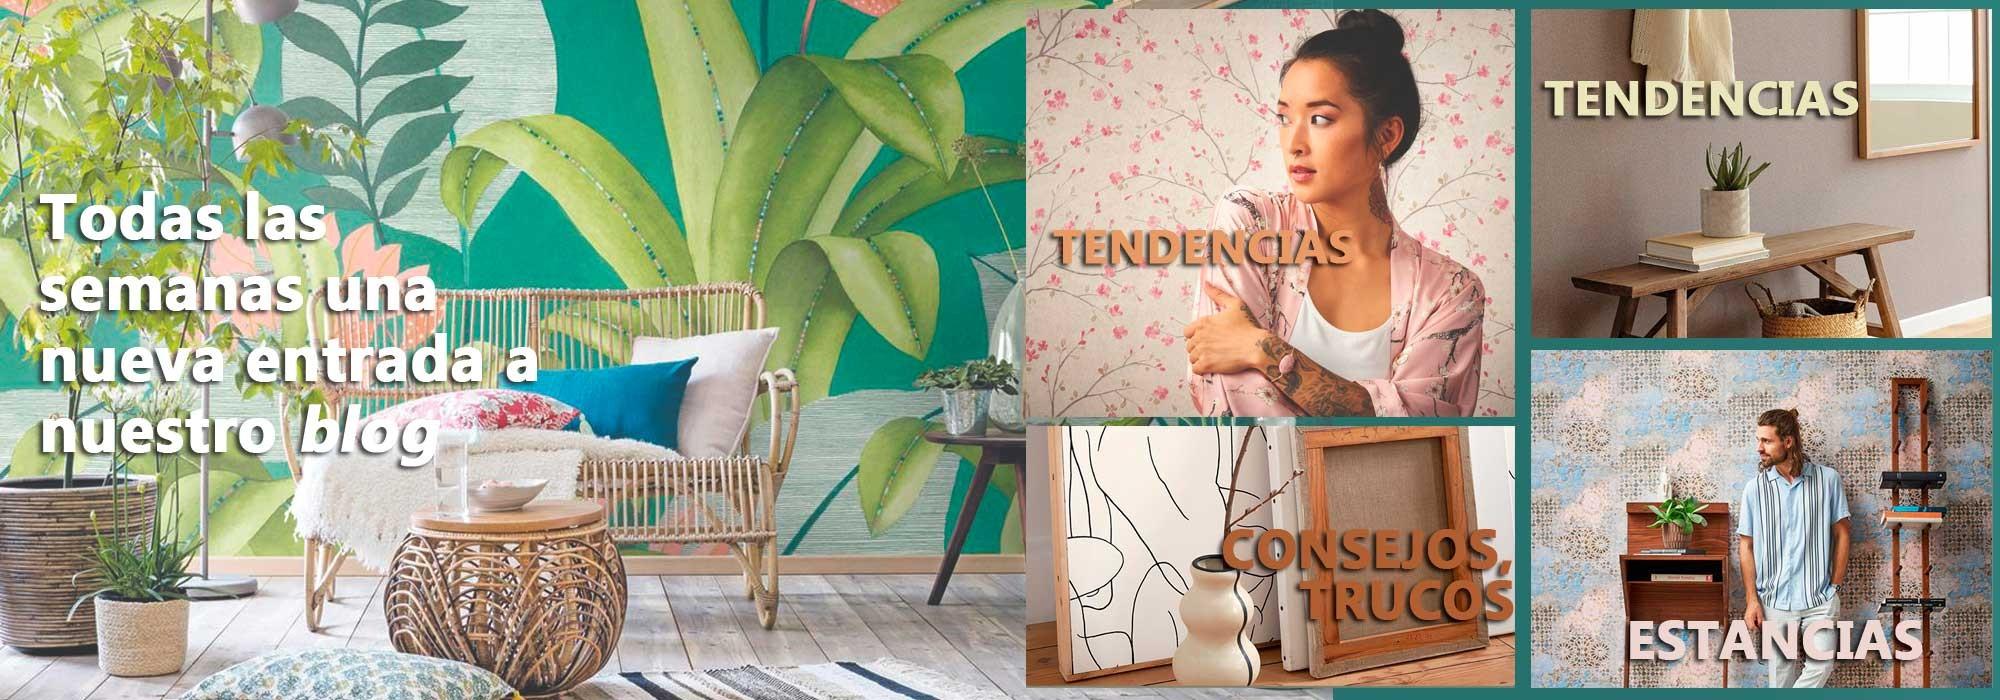 Blog de tendencias y novedades en papeles pintados, papeles de pared, murales, revestimientos de pared, decoración de interiores...